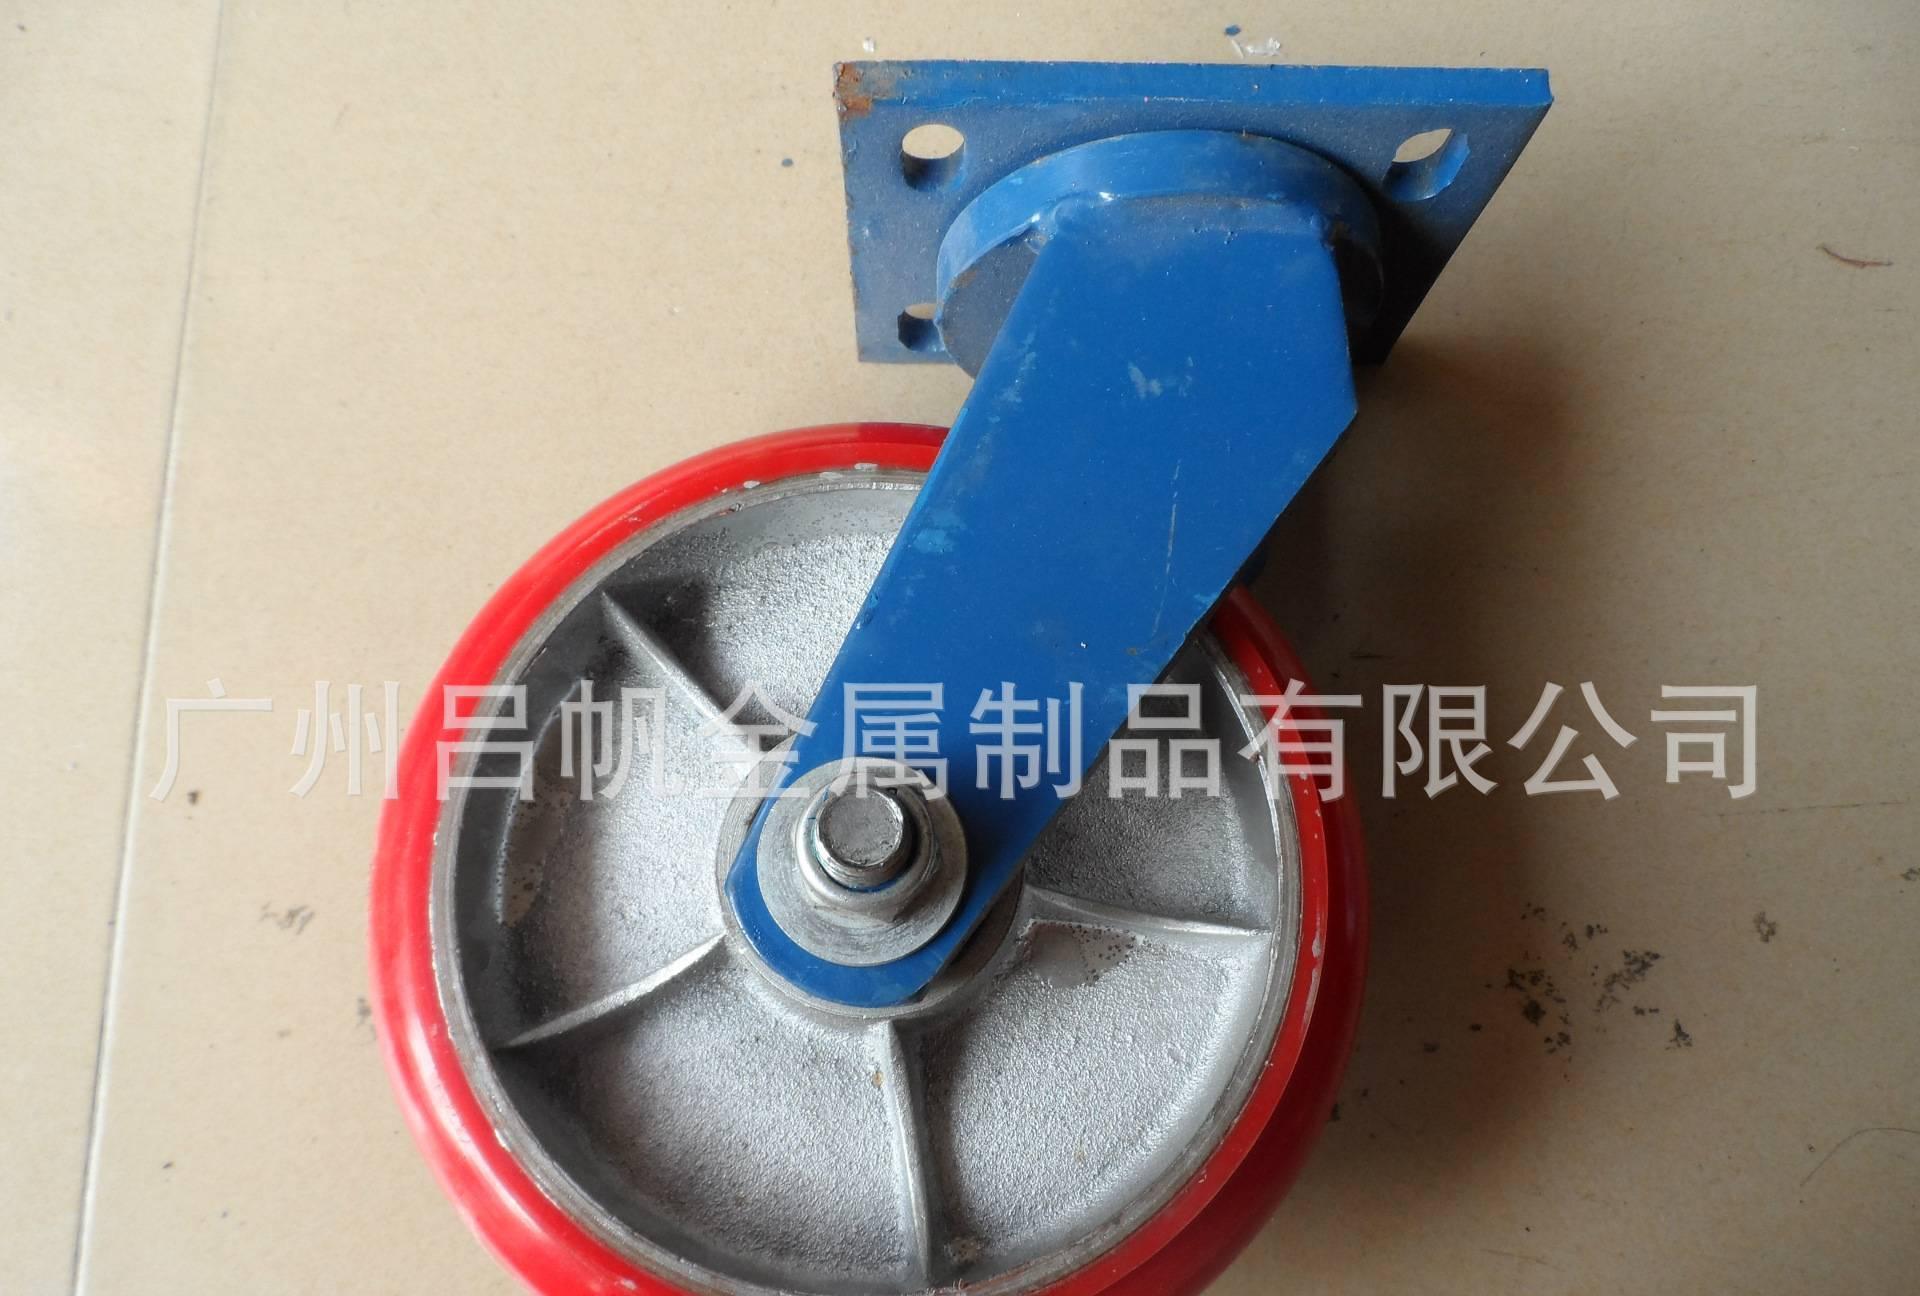 优质供应4568寸超重型脚轮 铁芯pu脚轮 万向轮 蓝架烘漆轮 工